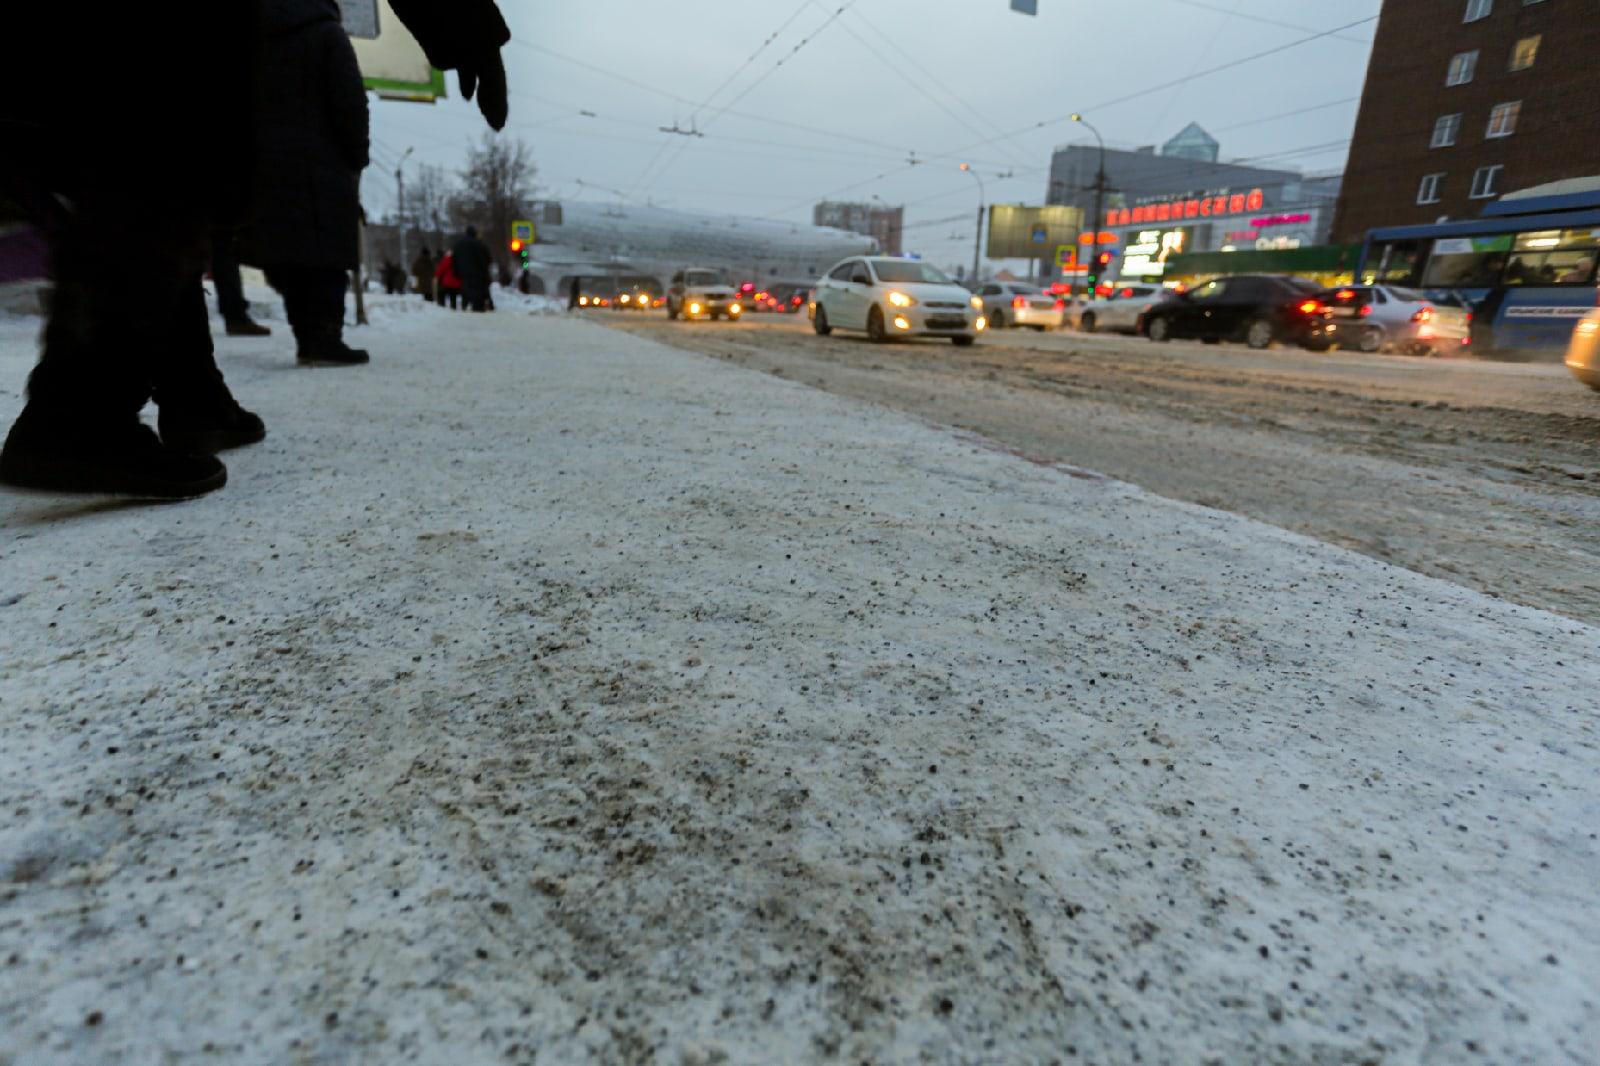 фото В Новосибирске остановку посыпали крошкой после гибели мужчины под колёсами автобуса 2